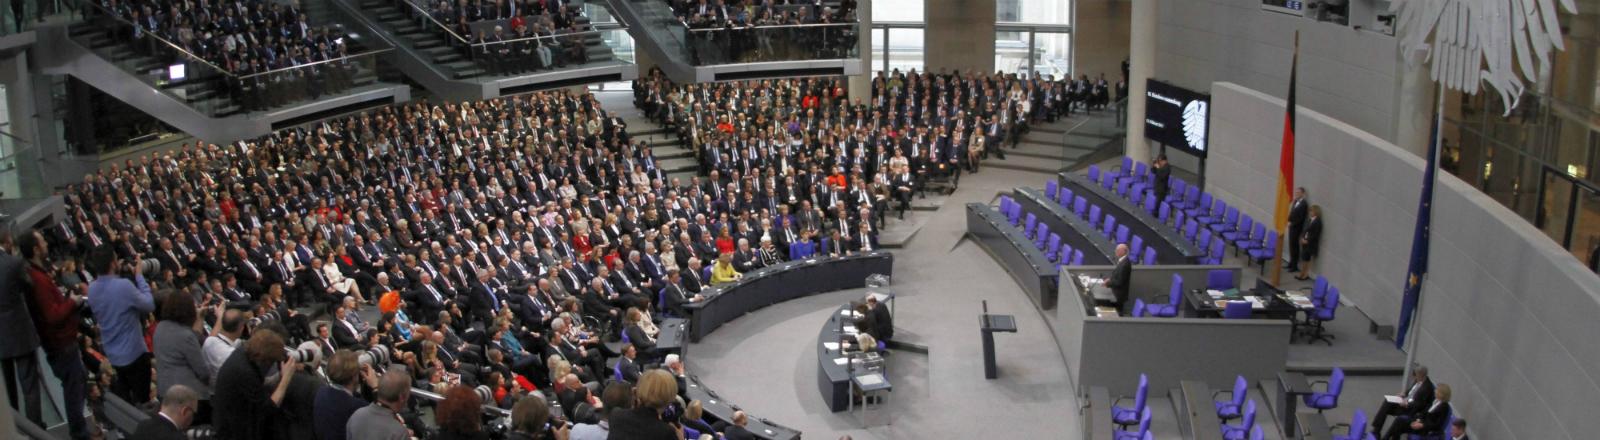 Mitglieder versammeln sich im Bundestag.